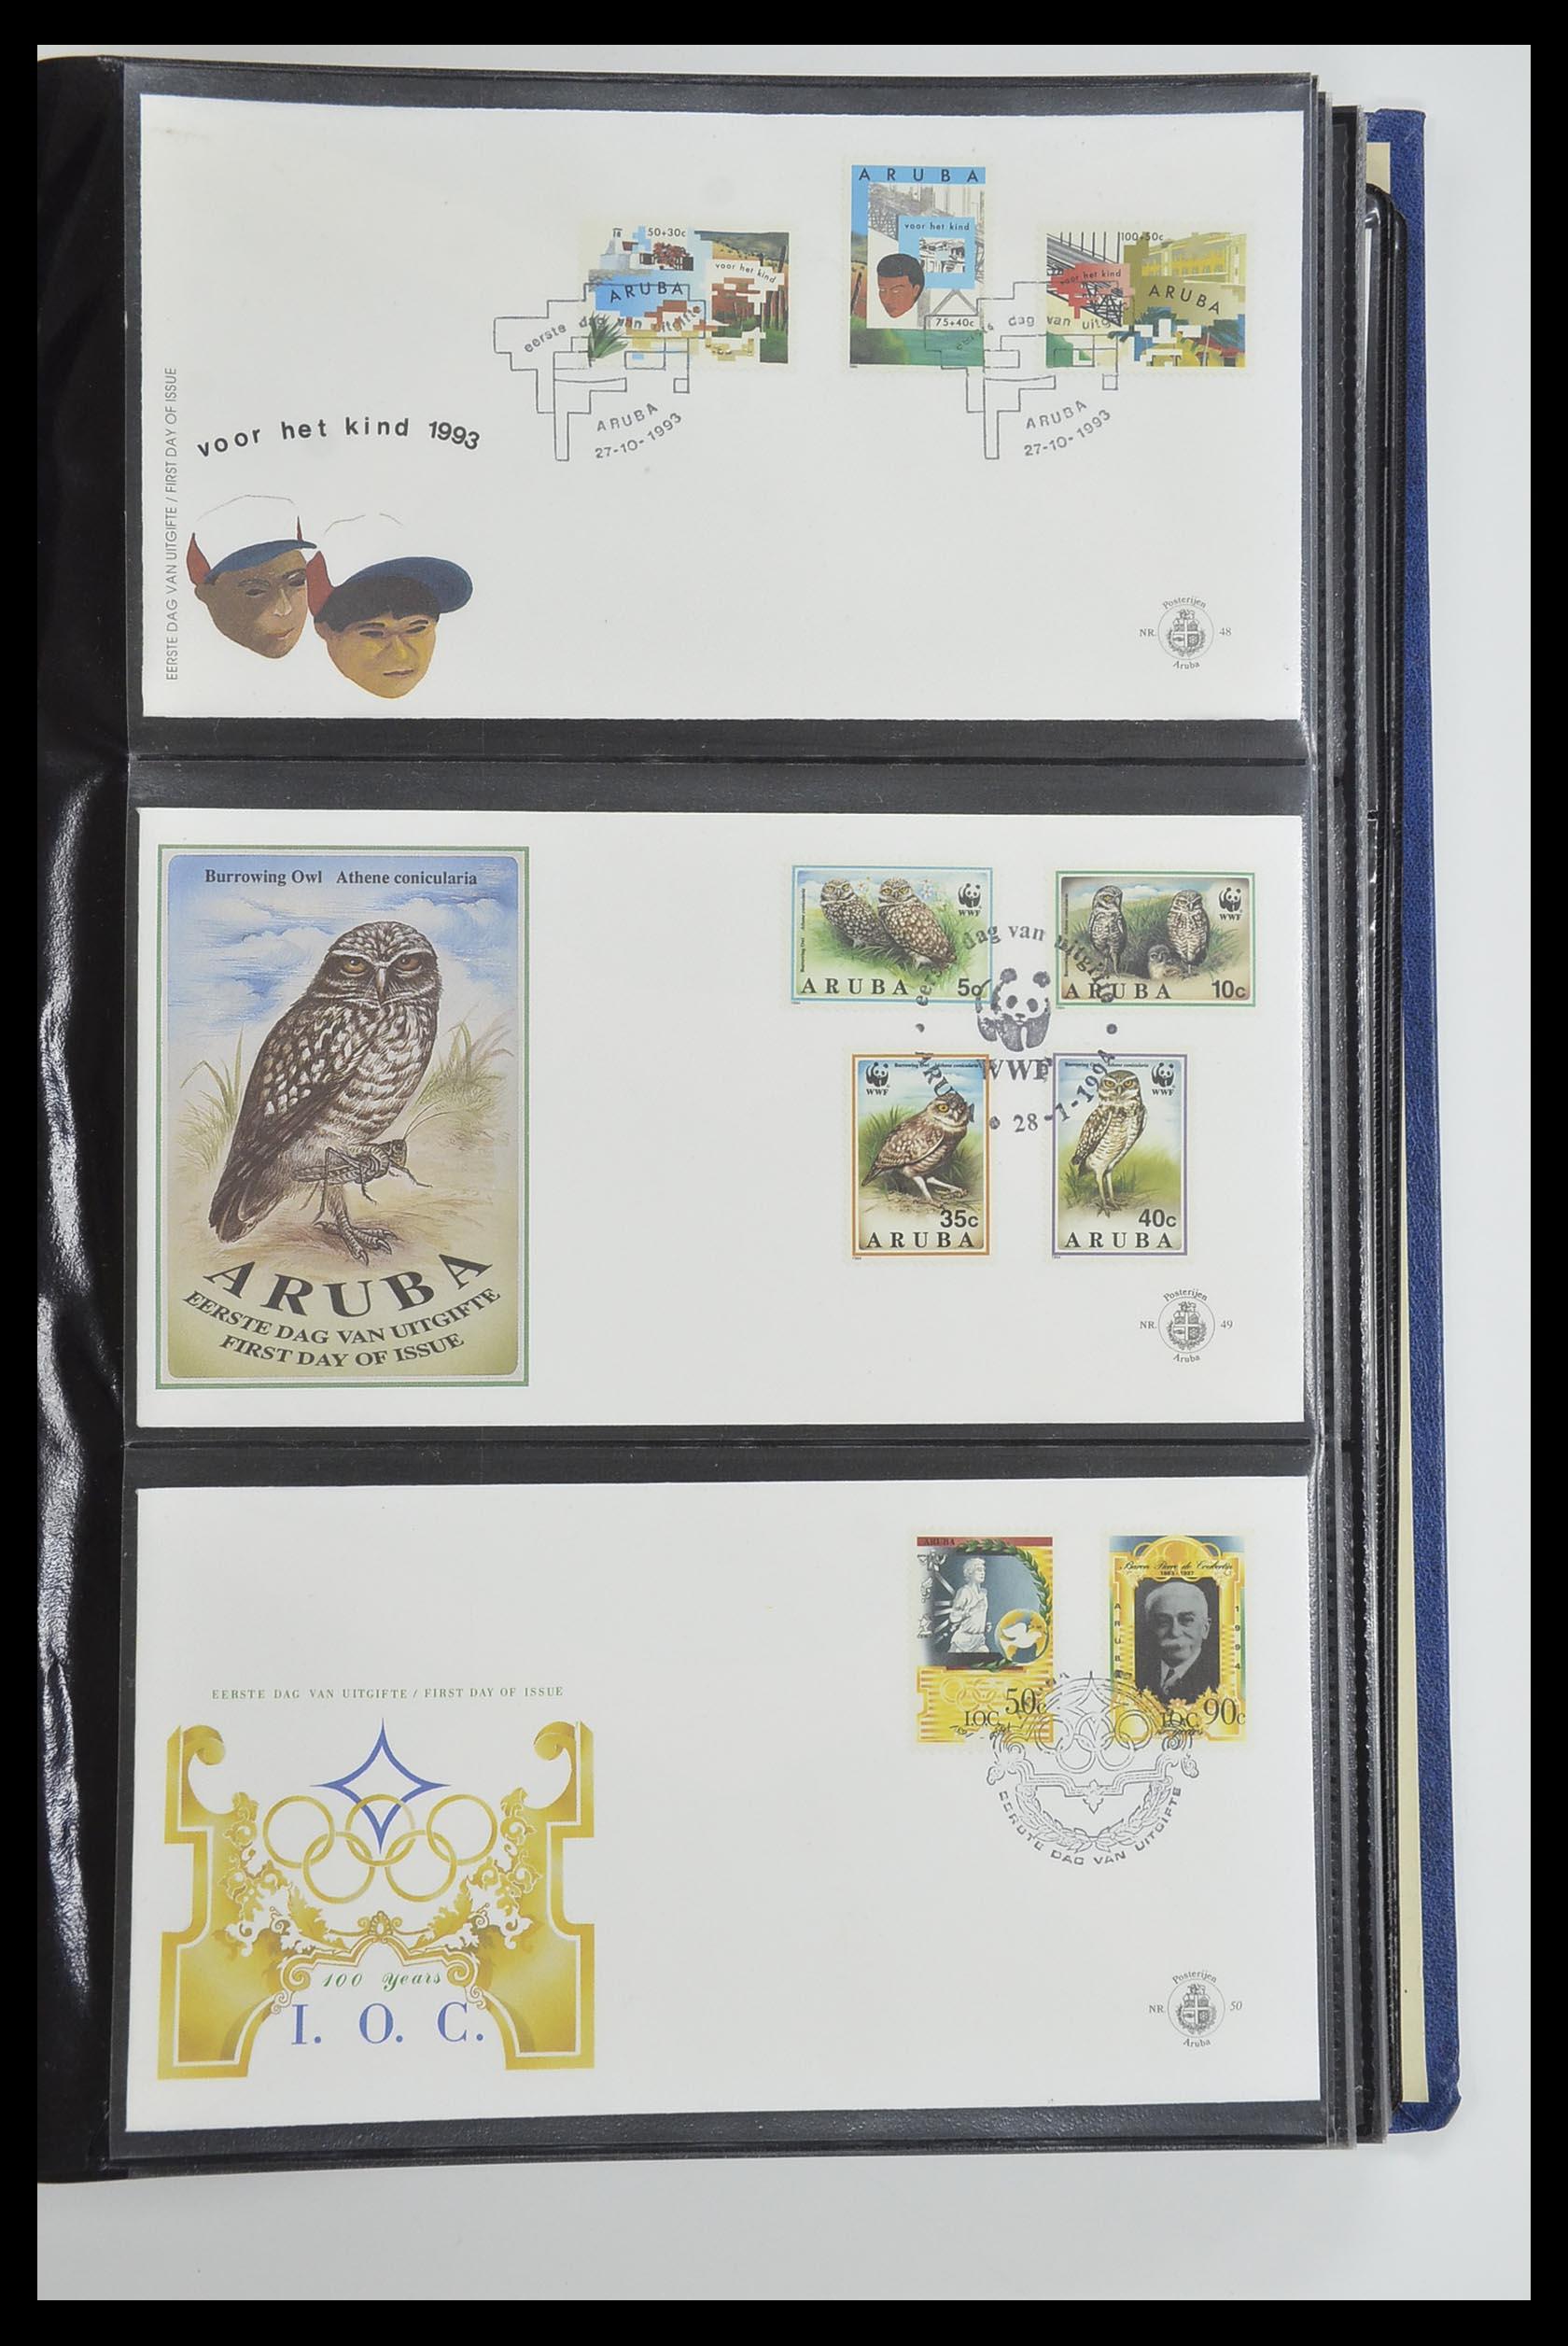 33585 017 - Postzegelverzameling 33585 Aruba FDC's 1986-2006.